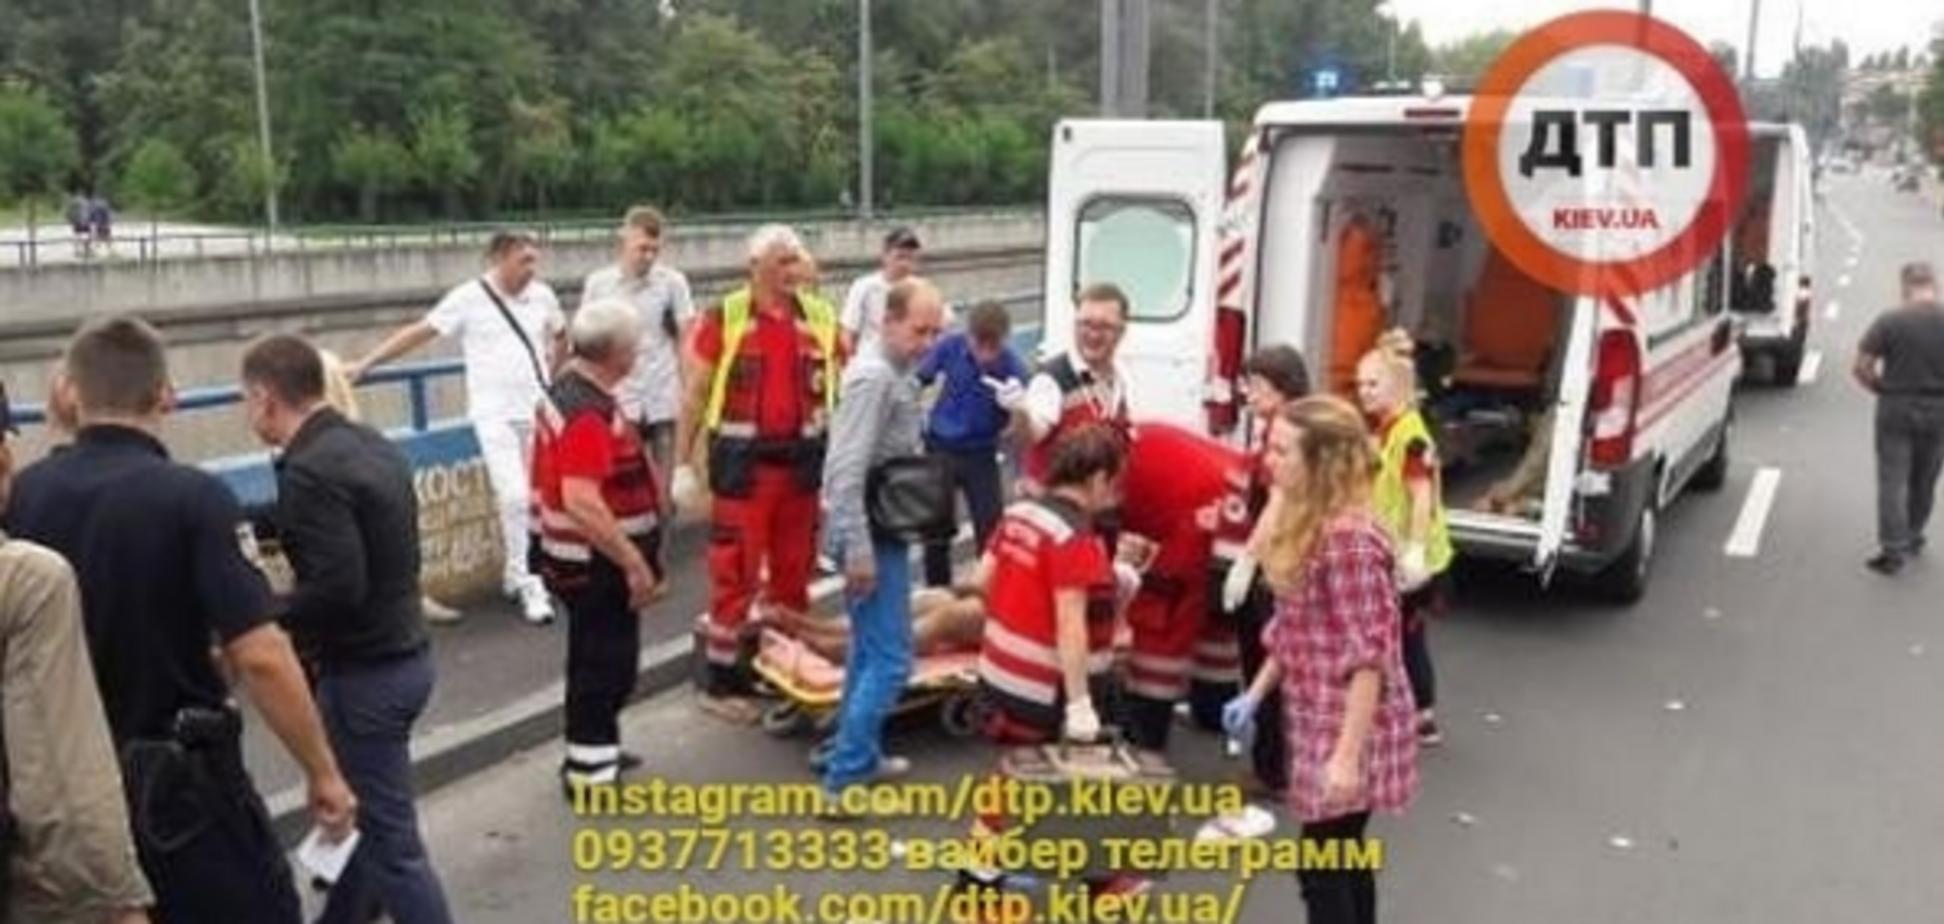 В Киеве авто влетело в людей на тротуаре: появились первые фото и видео с места смертельного ДТП